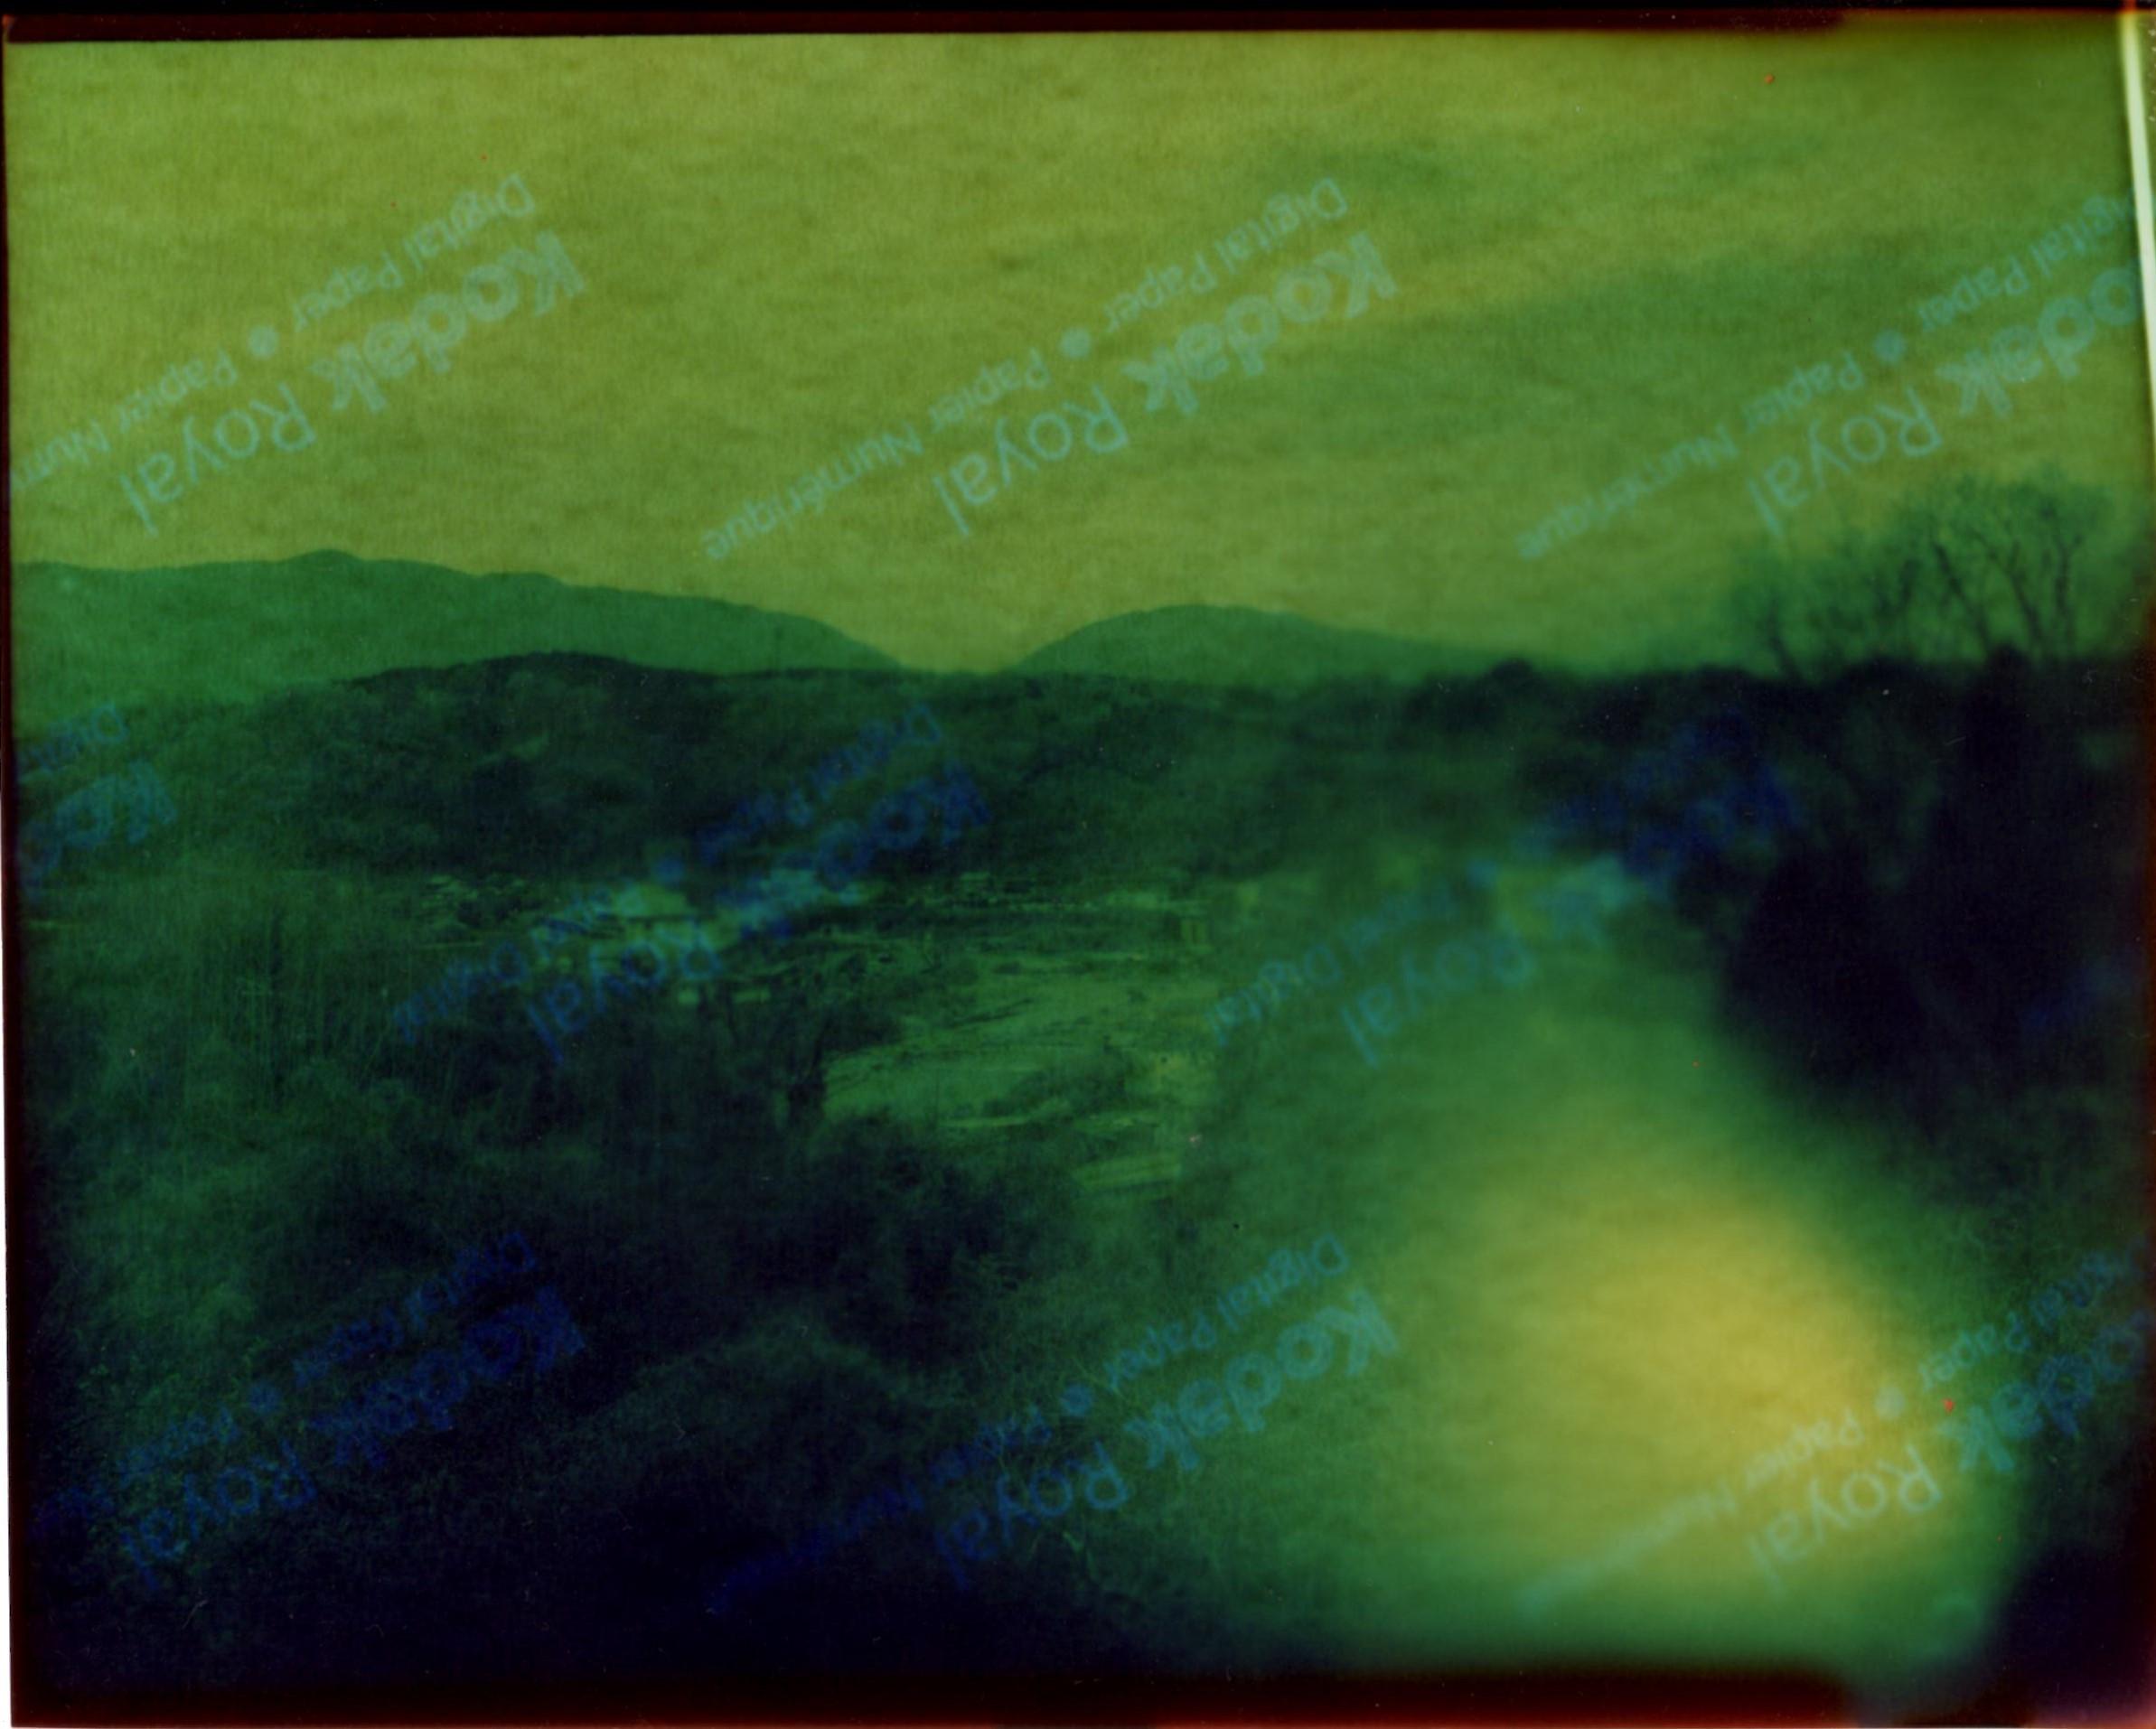 アウトドア大ガビネカラー印画紙露光の形而上学的報告  撫象_d0138130_11183911.jpg